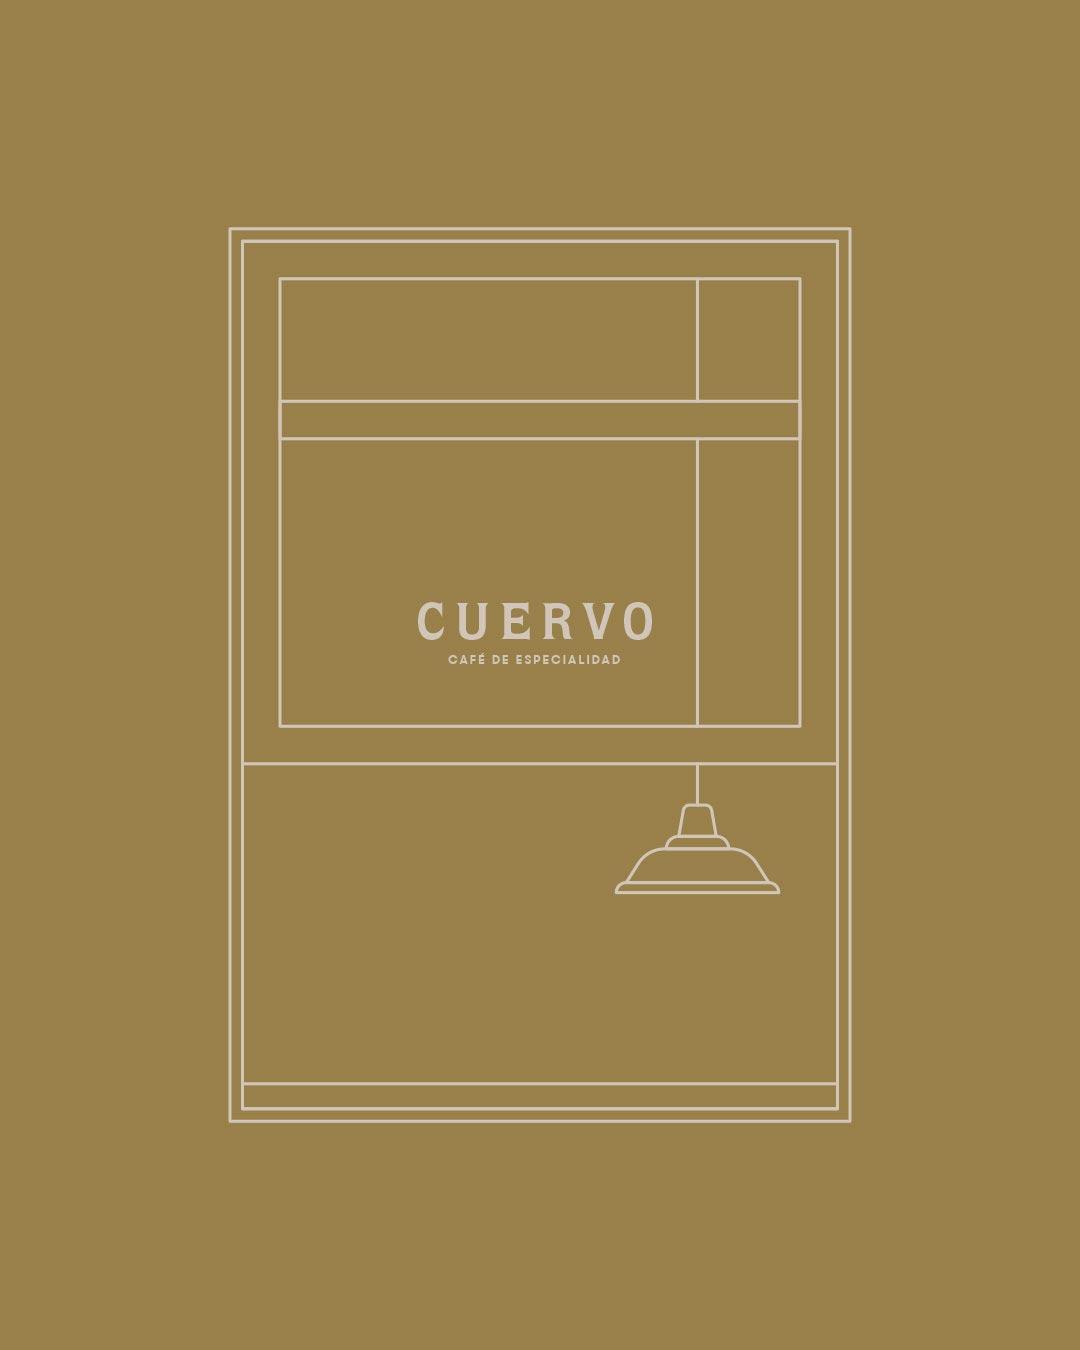 CUERVO18_02